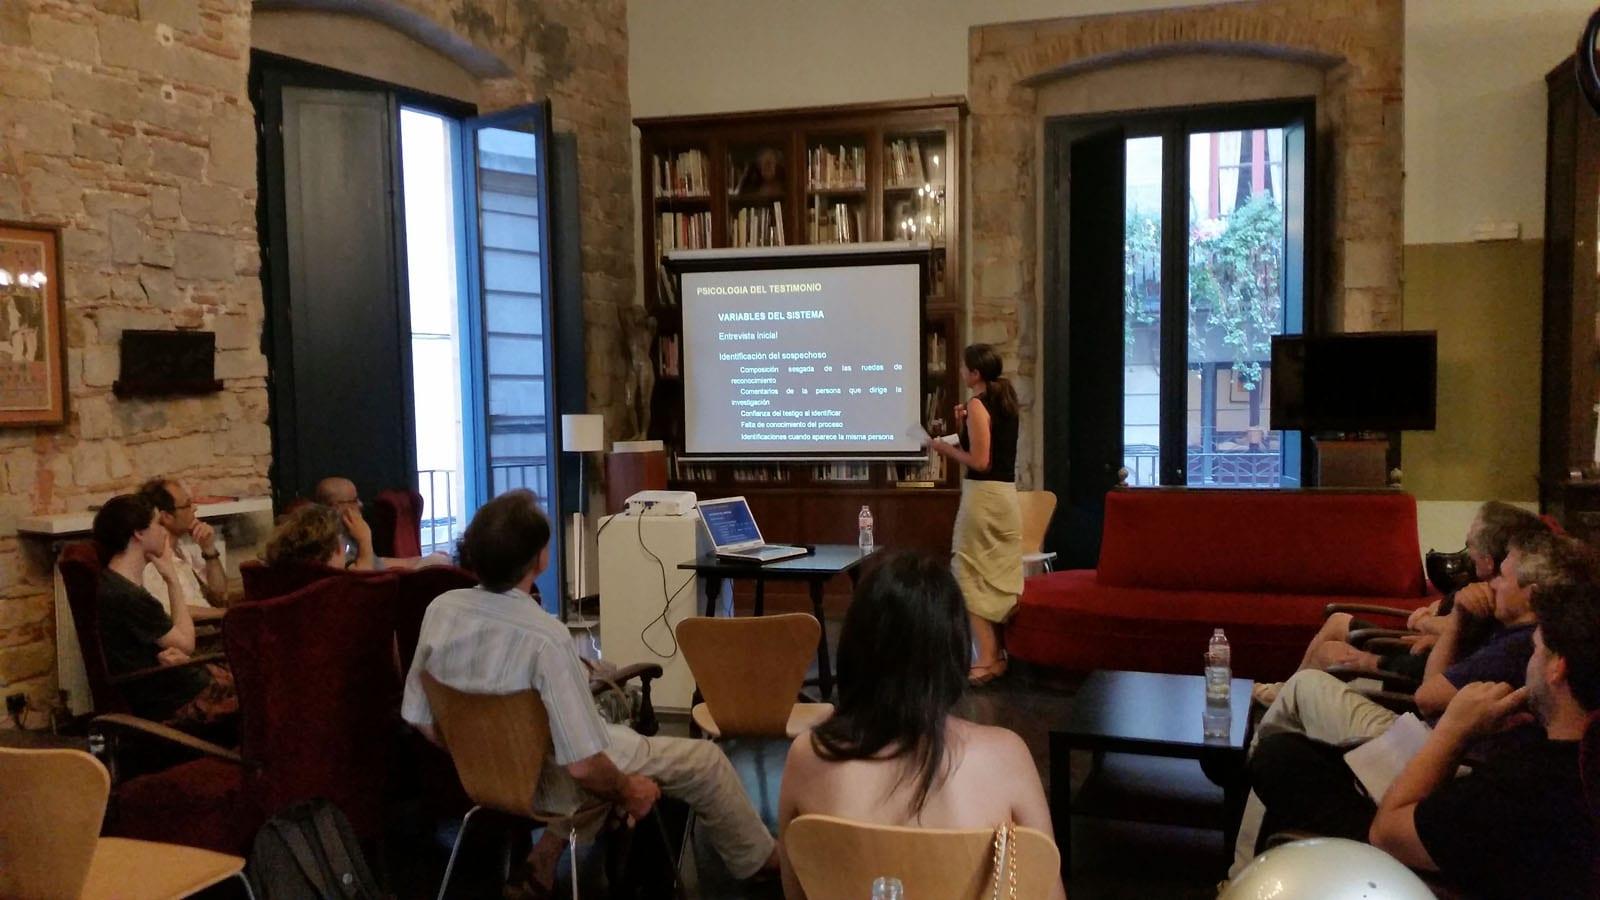 Fototertúlia El sesgo del mugshot: una historia de culpabilidad A càrrec de Lourdes Delgado Fernández al Cercle Artístic de Sant Lluc. 6/7/2015